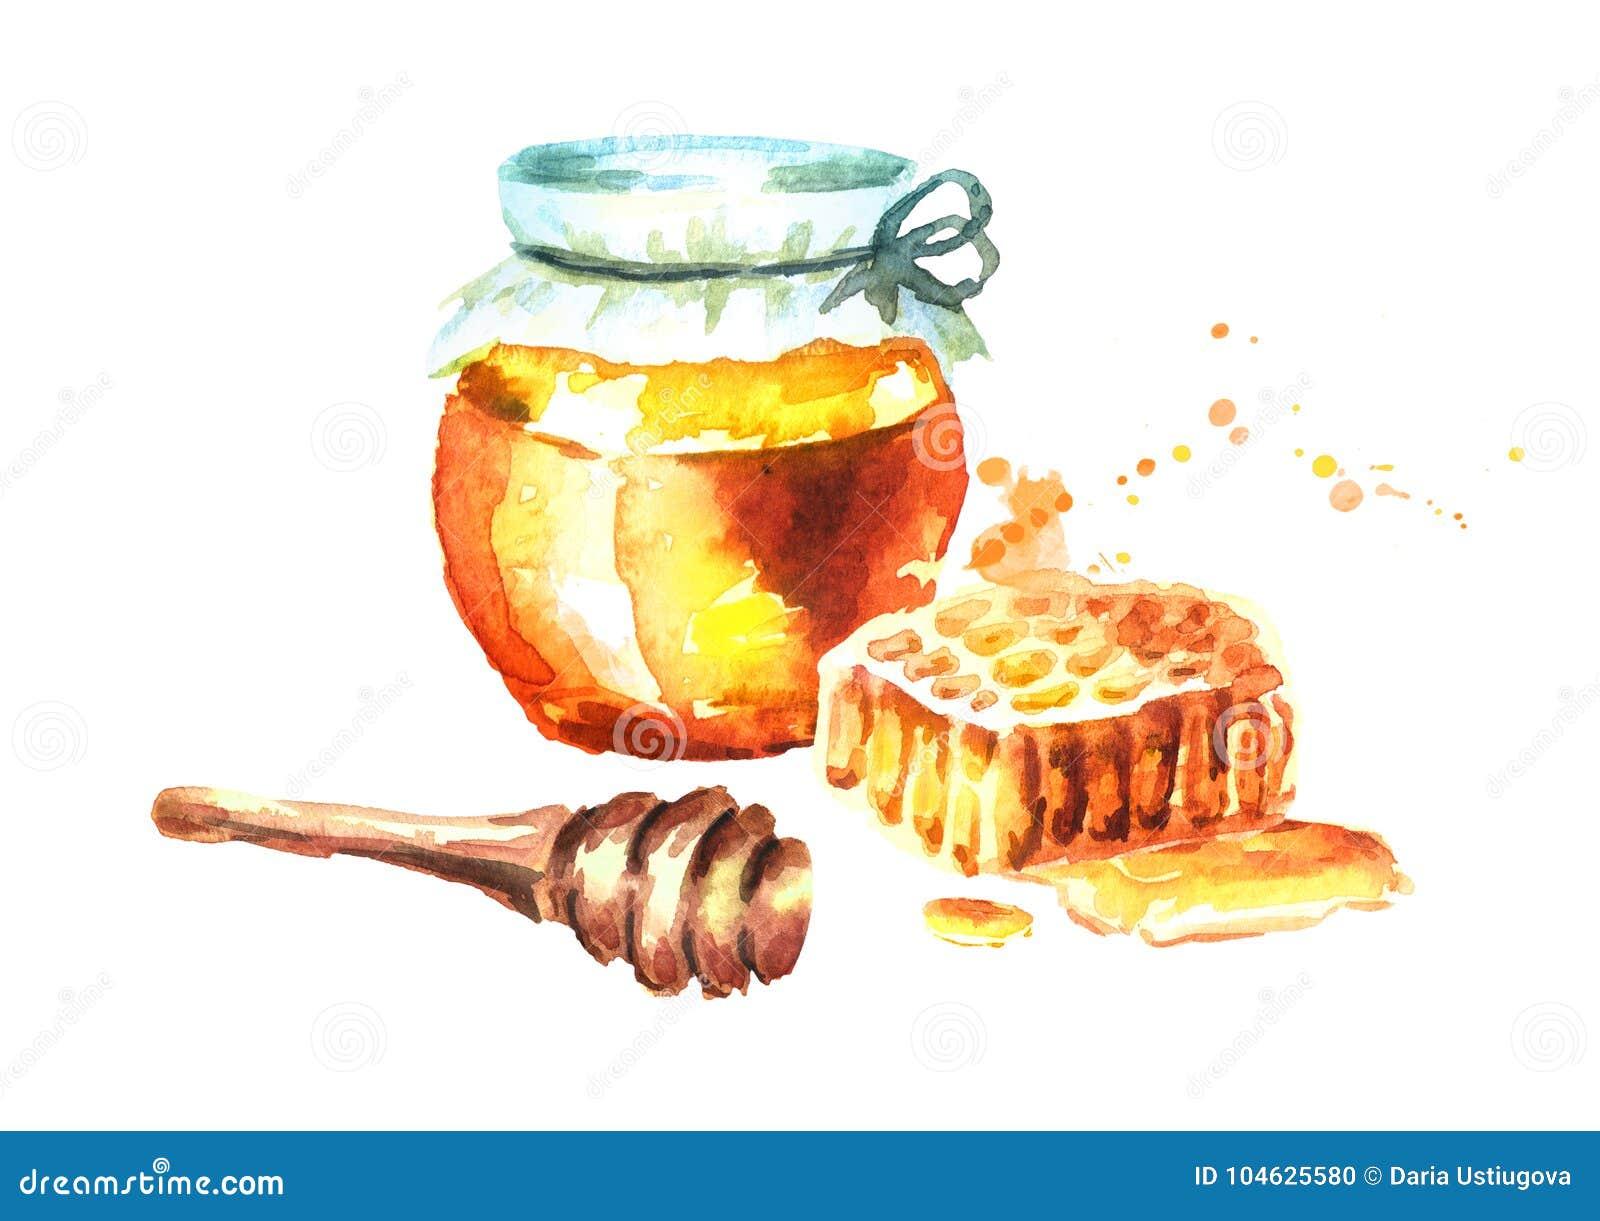 Download Verse Honing Met Honingraten En Honingsdipper Waterverfhand Getrokken Illustratie Stock Illustratie - Illustratie bestaande uit vloeistof, organisch: 104625580